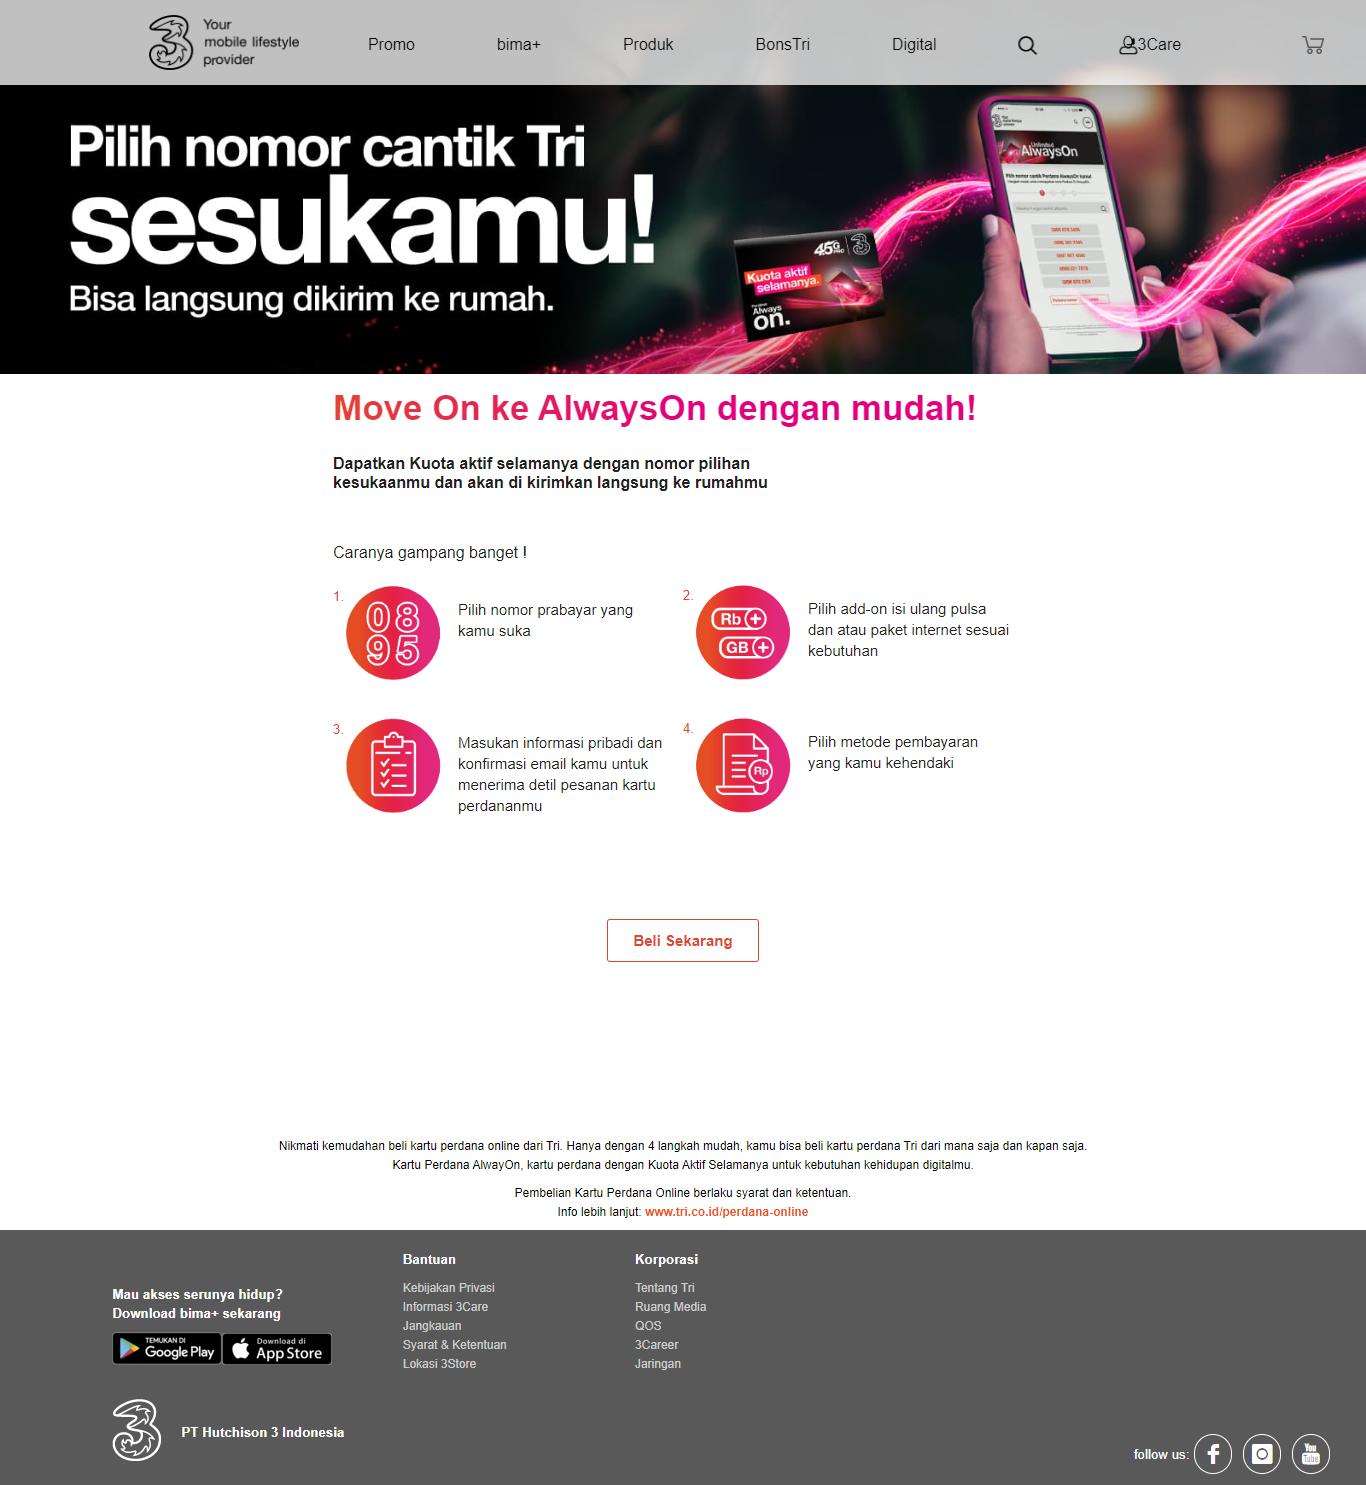 Mudah Beli Kartu Perdana Online, Situs yang Memudahkan Kamu Belanja Kartu Perdana